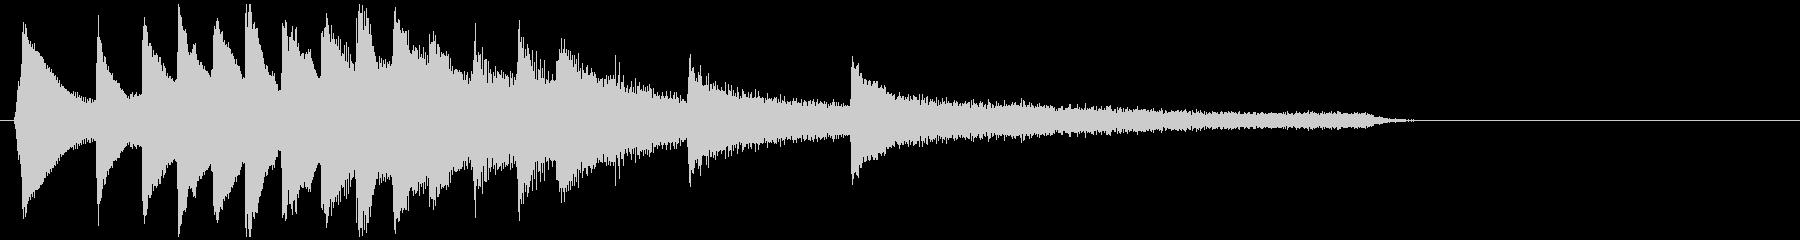 透明感のあるサウンドロゴ ピアノソロ 2の未再生の波形